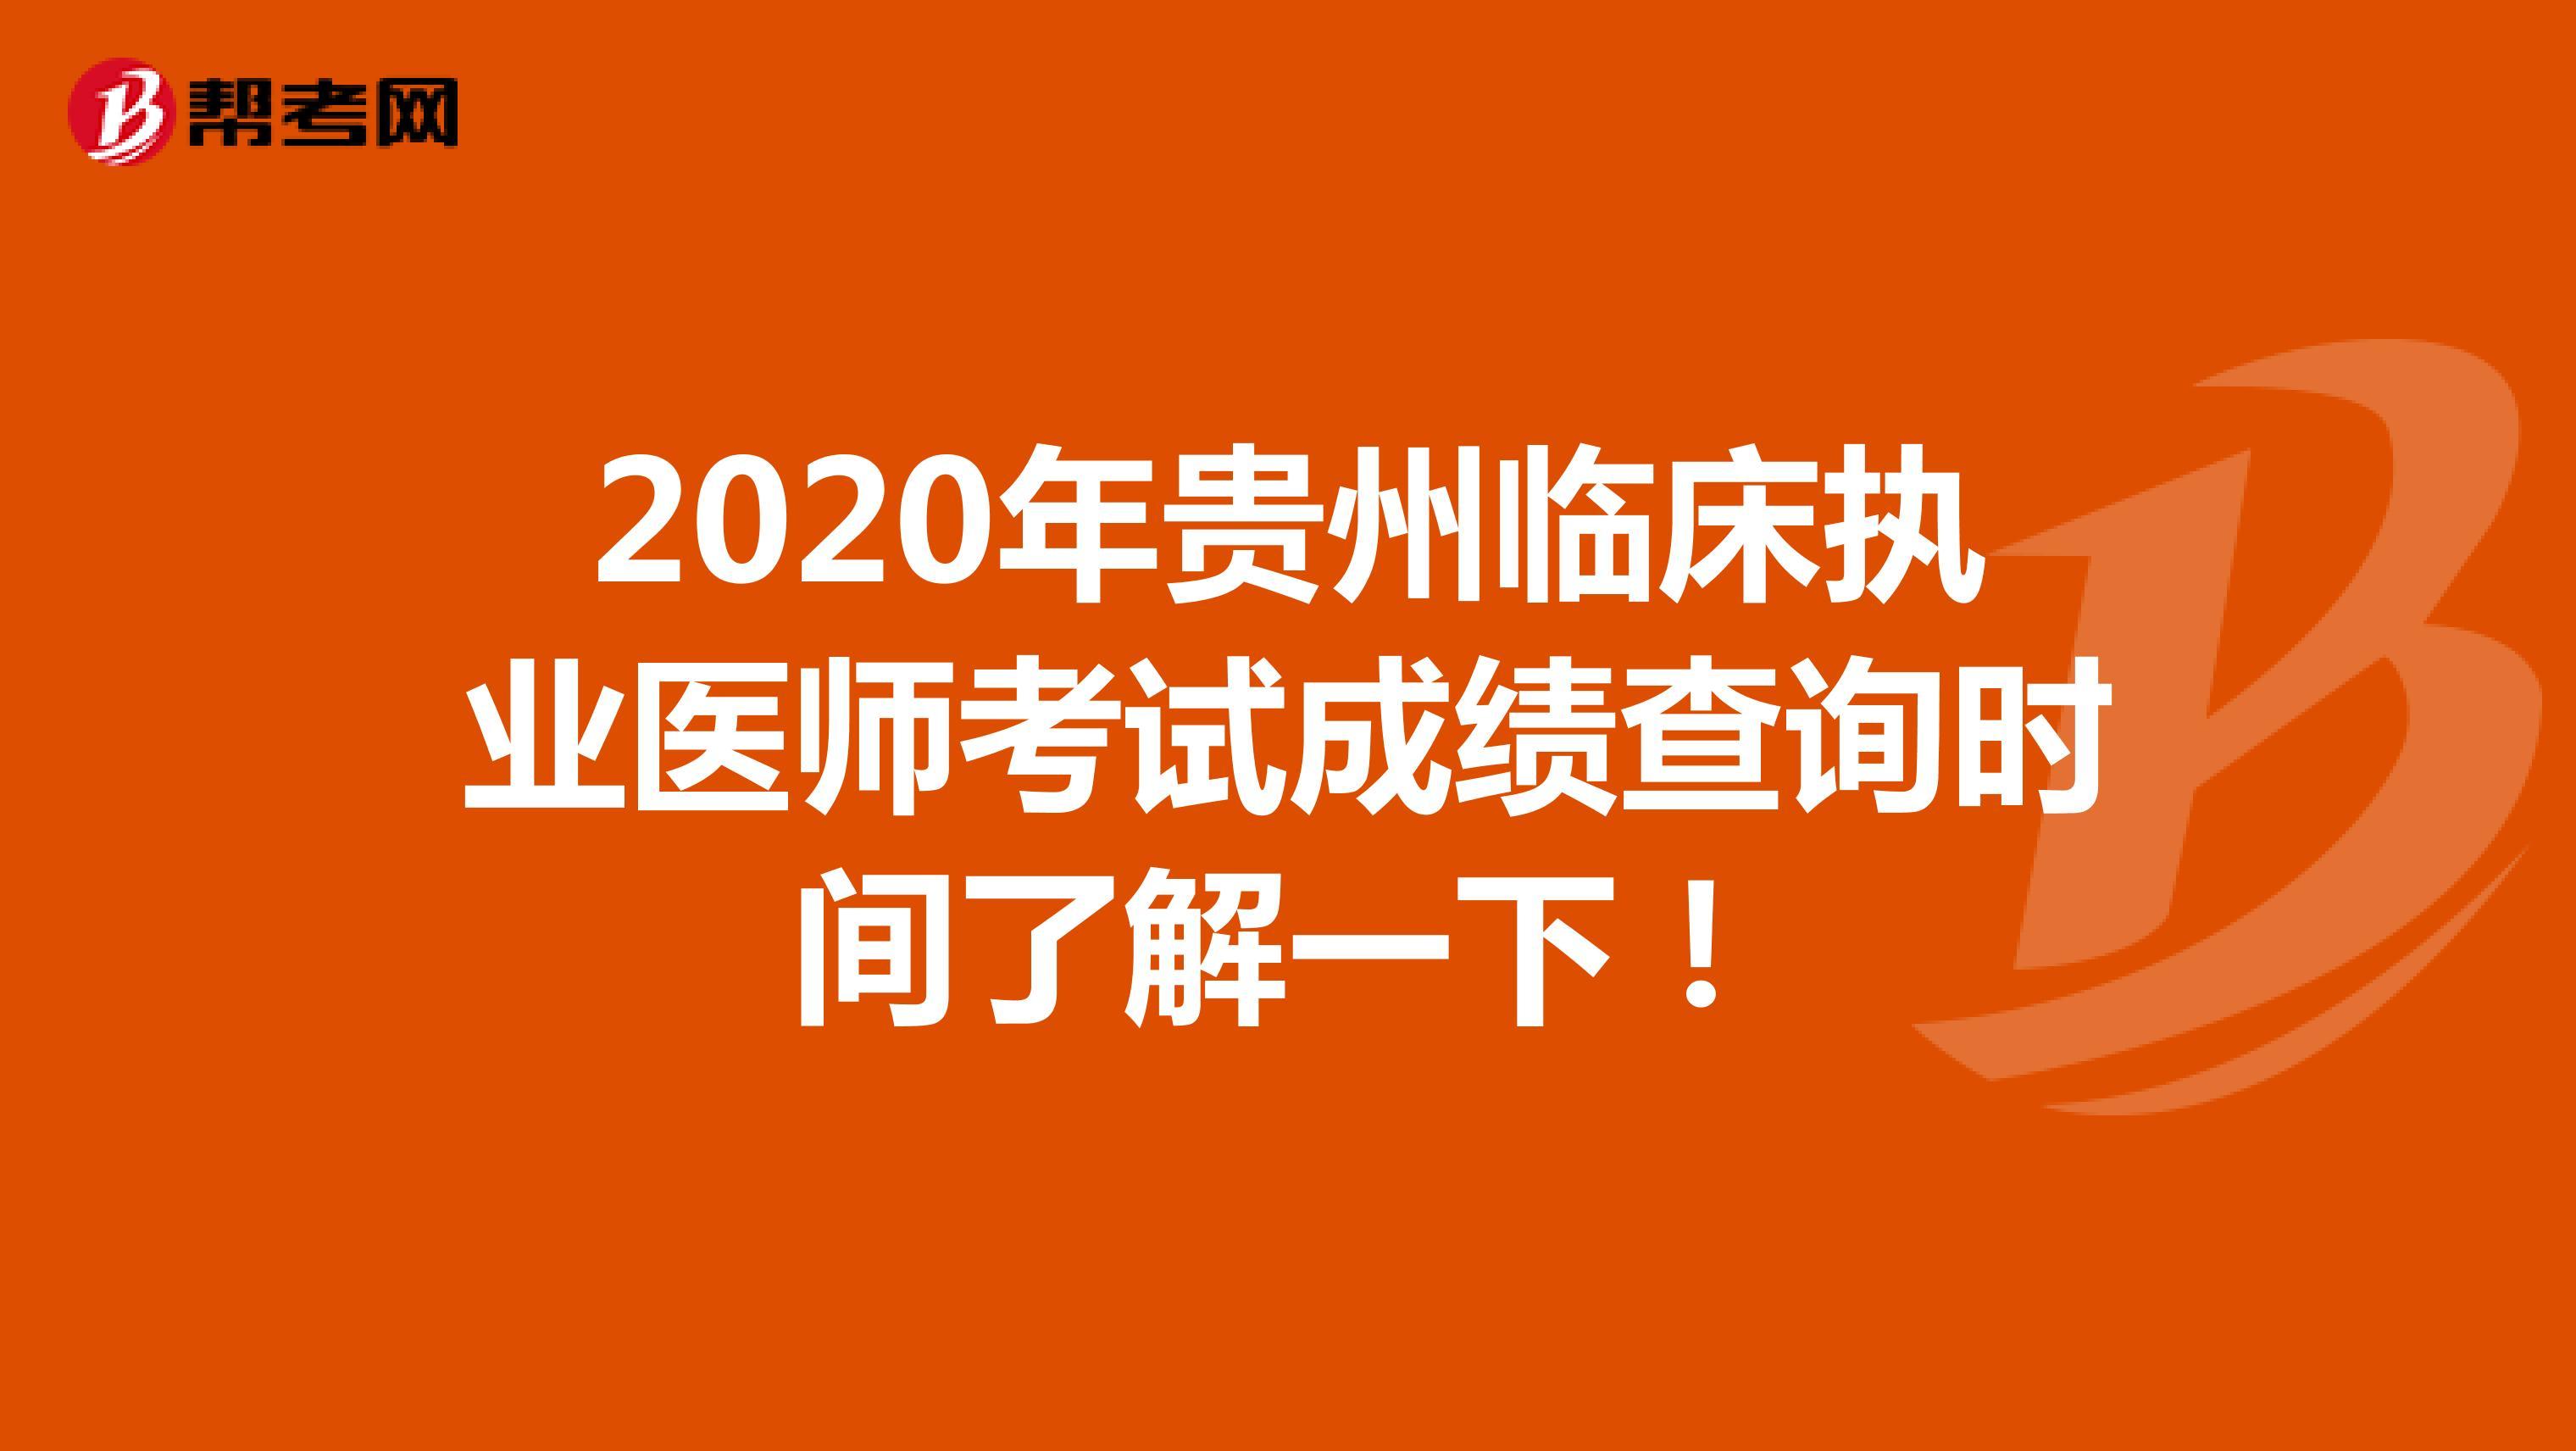 2020年贵州临床执业医师考试成绩查询时间了解一下!